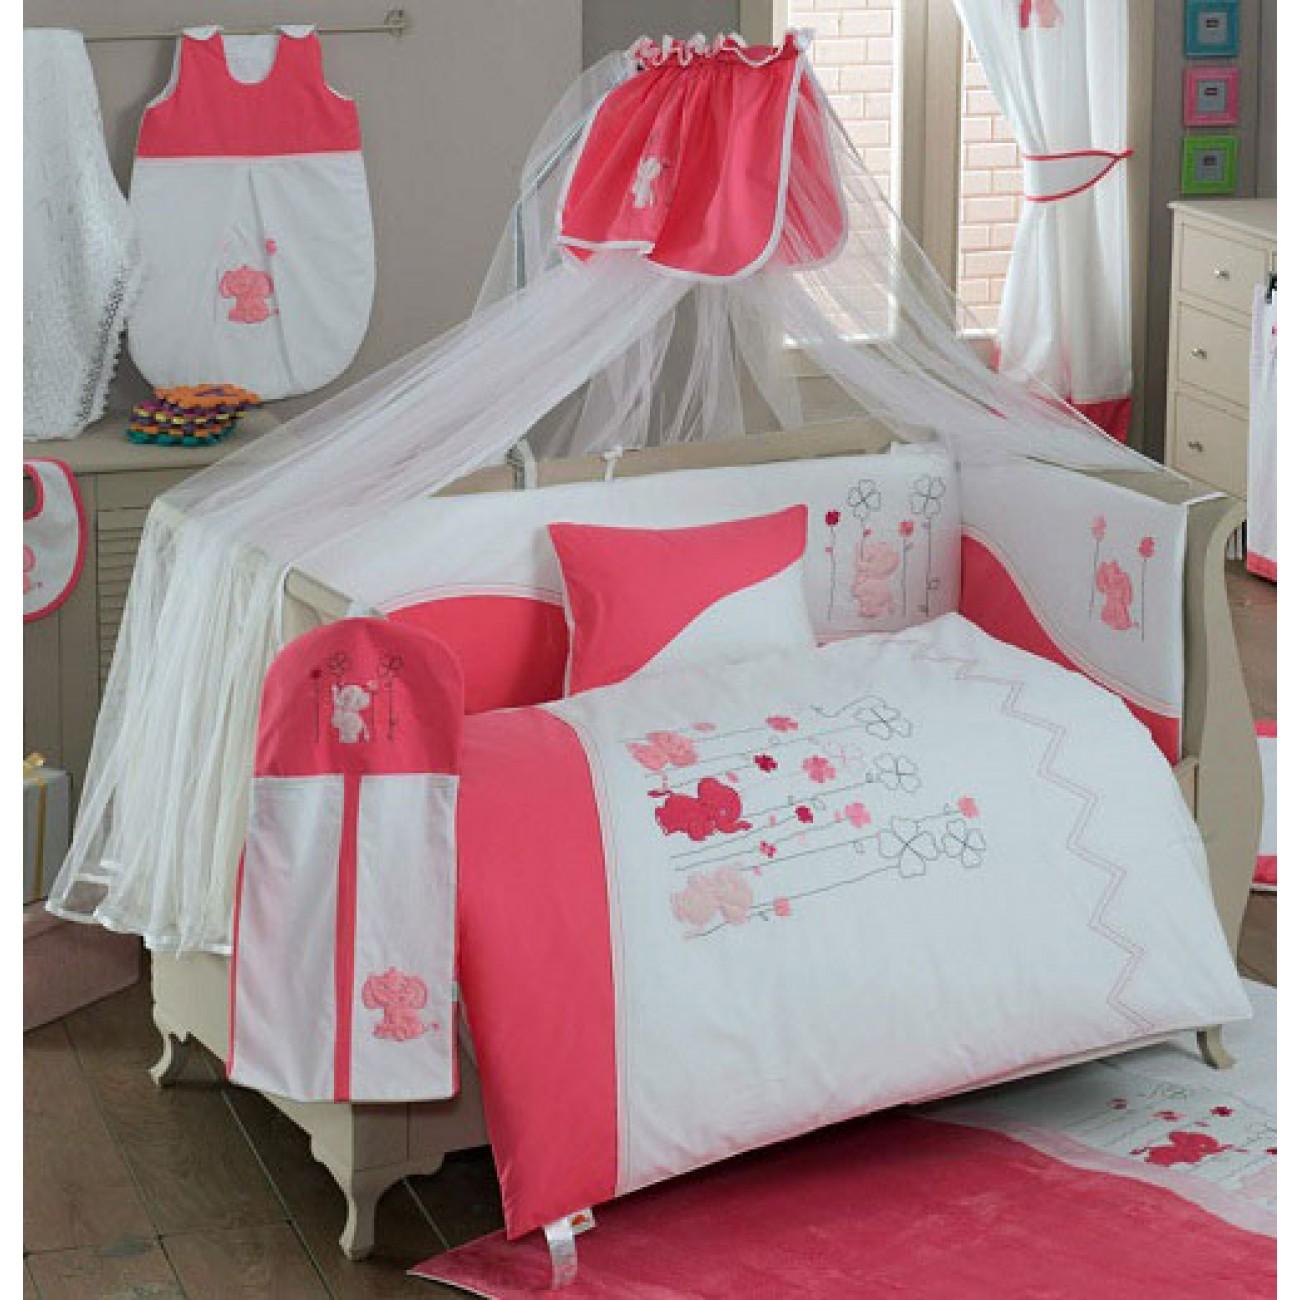 Балдахин серии Elephant 150 х 450 см, Pink - Спальня, артикул: 171438